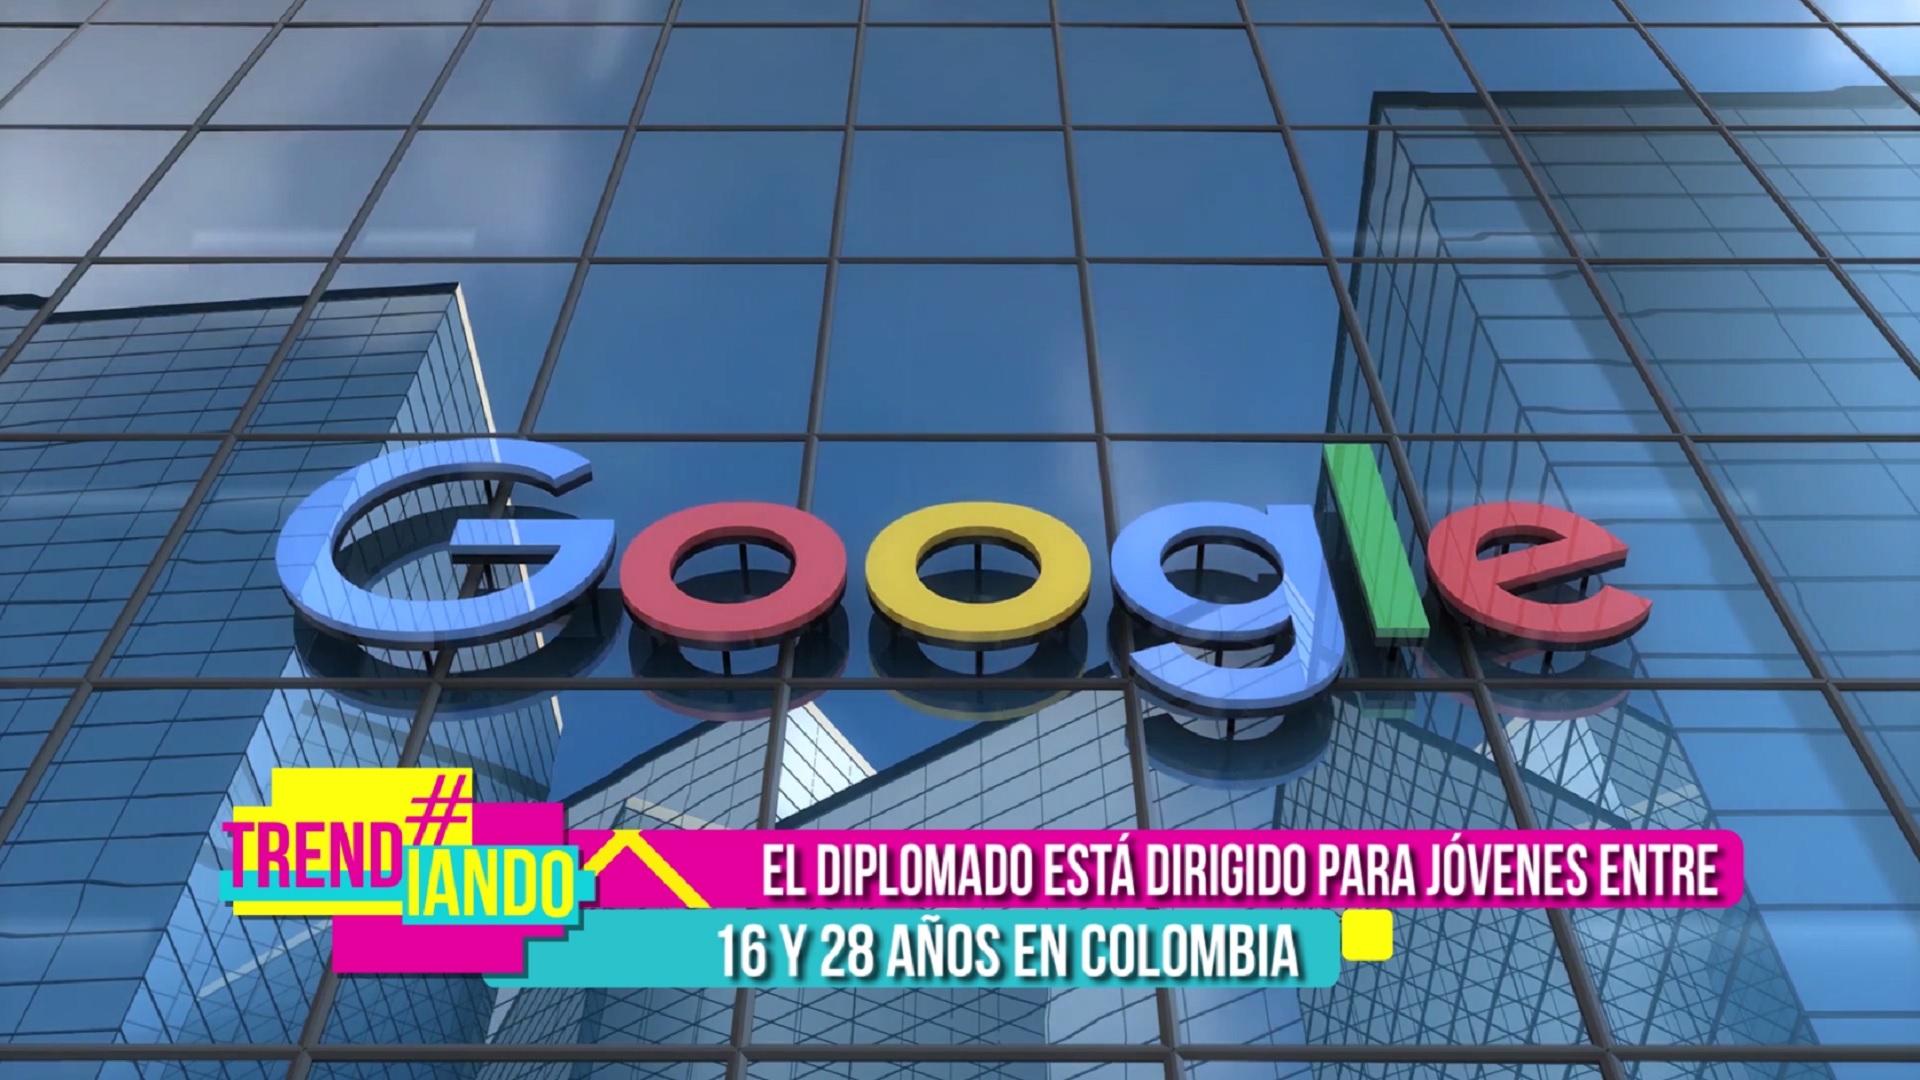 diplomado-juventic-de-google-para-jovenes-en-colombia.jpg